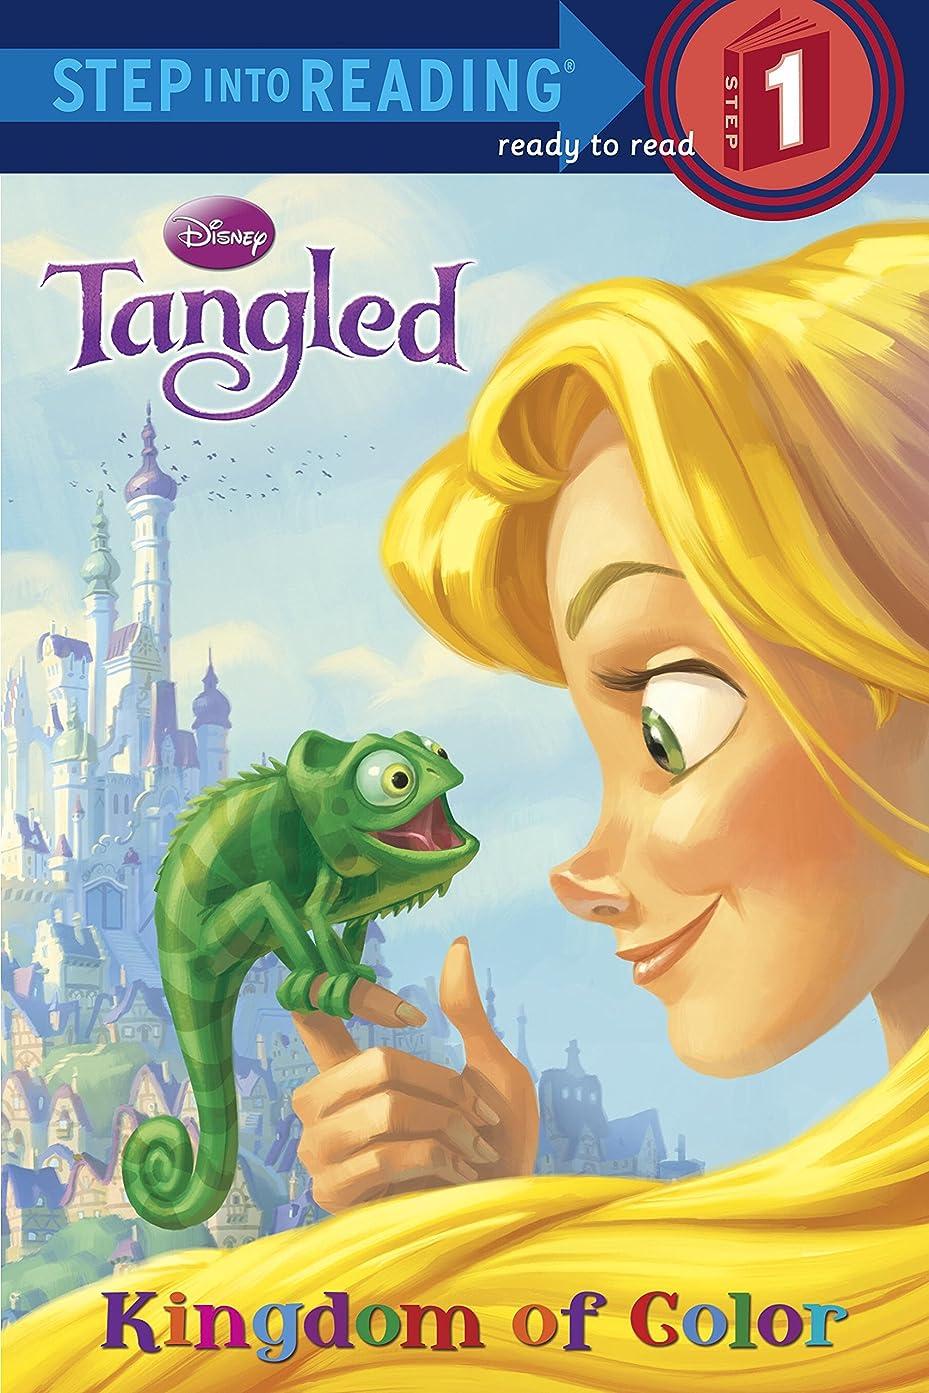 思い出困惑威するKingdom of Color (Disney Tangled) (Step into Reading) (English Edition)